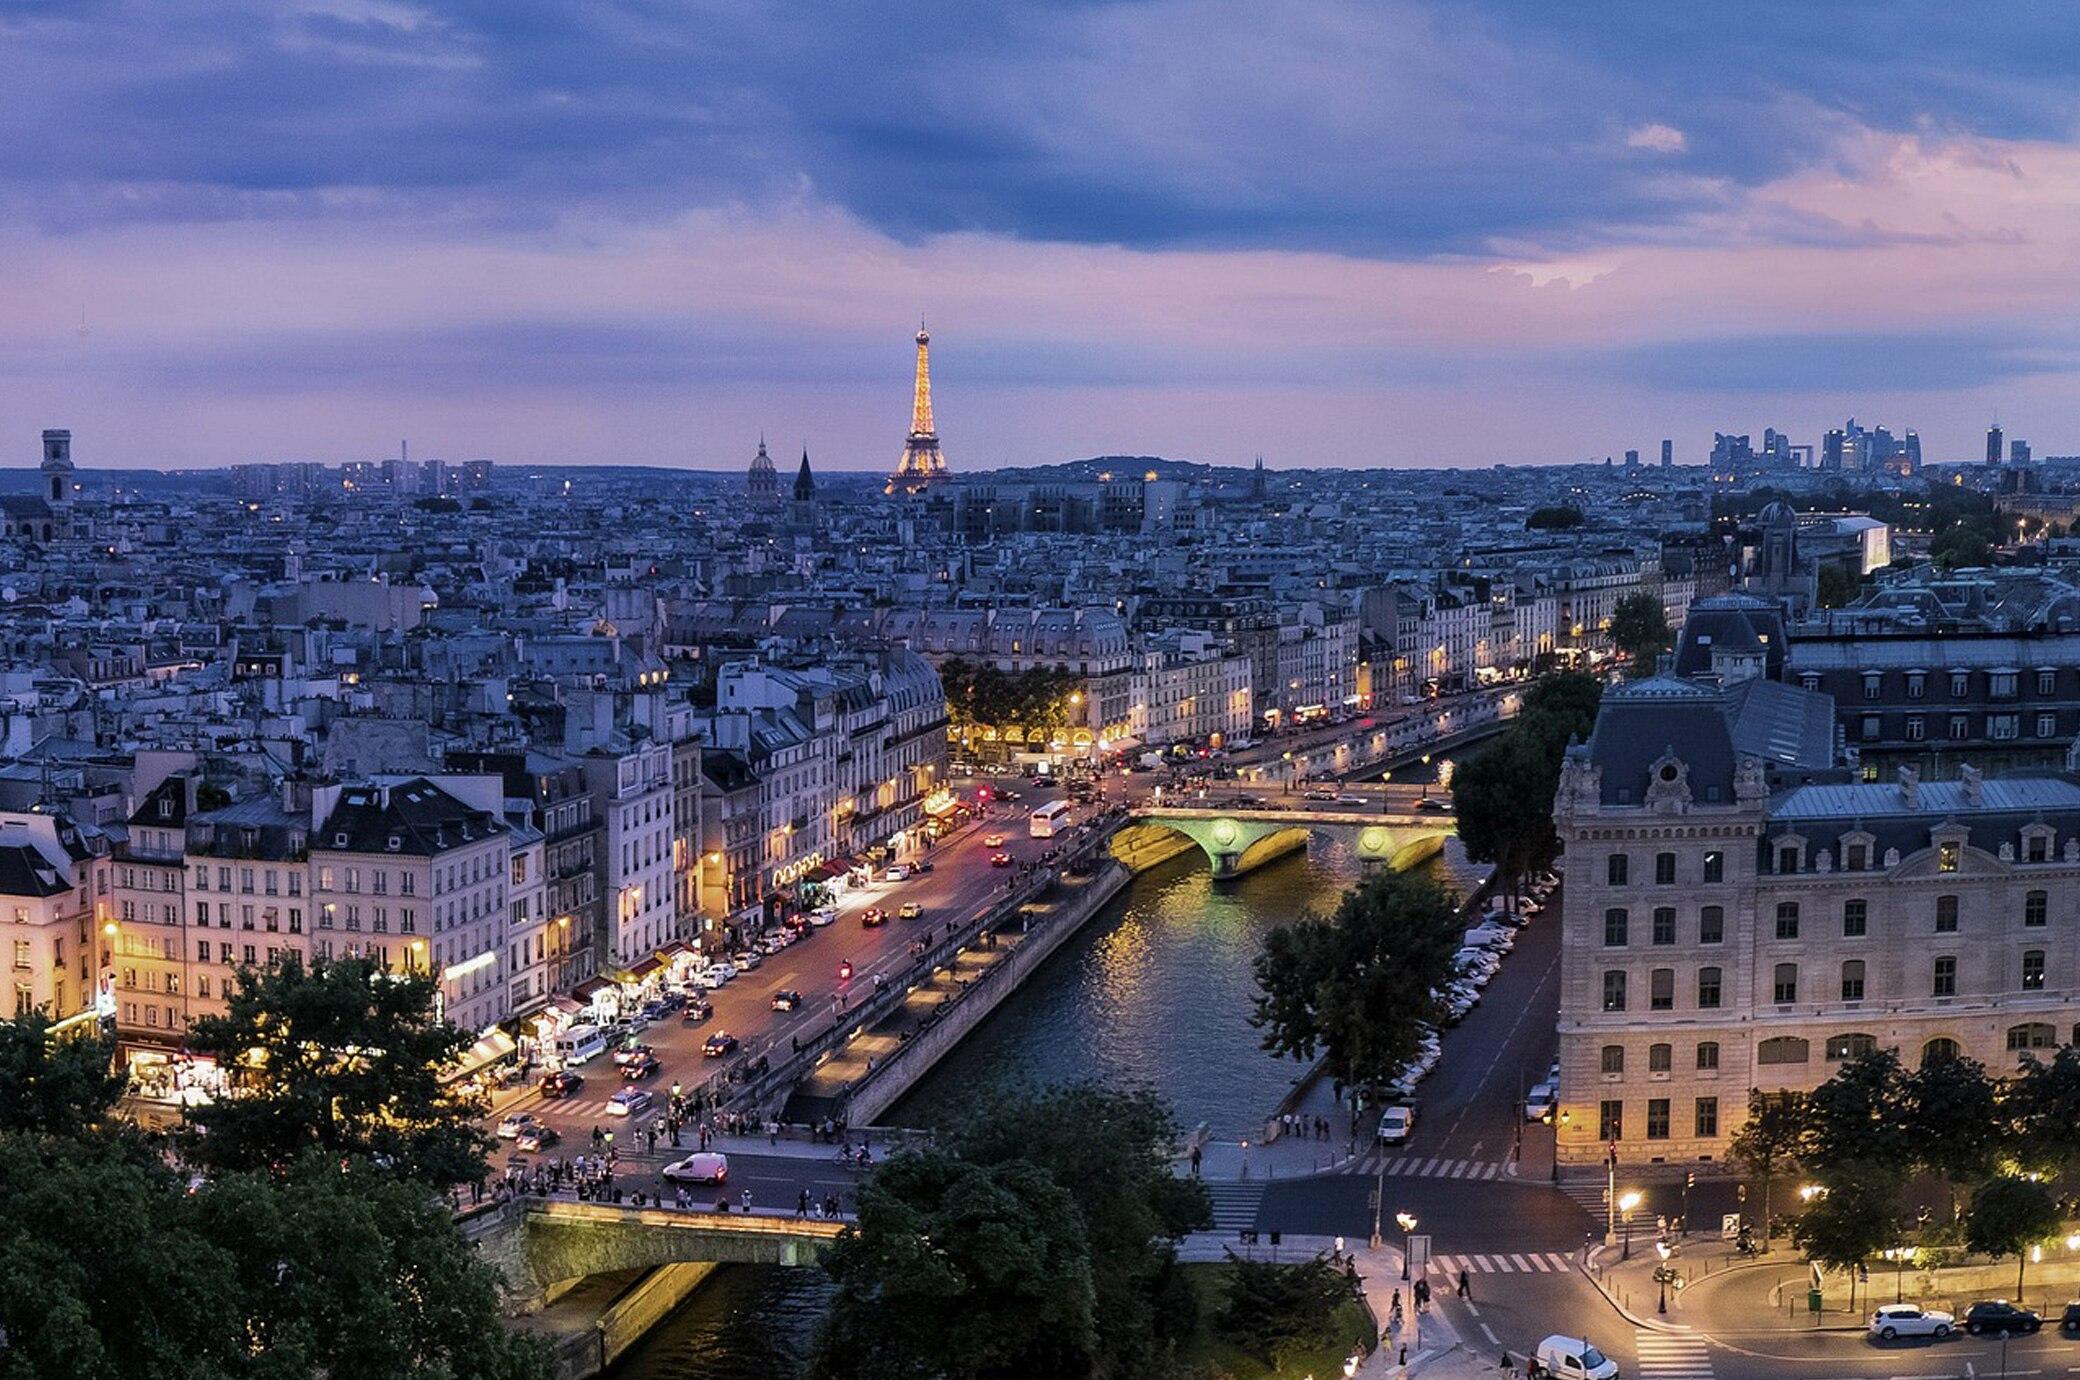 5 urlaubs angebote unter 500 euro travelbook for Wohnlandschaft unter 500 euro